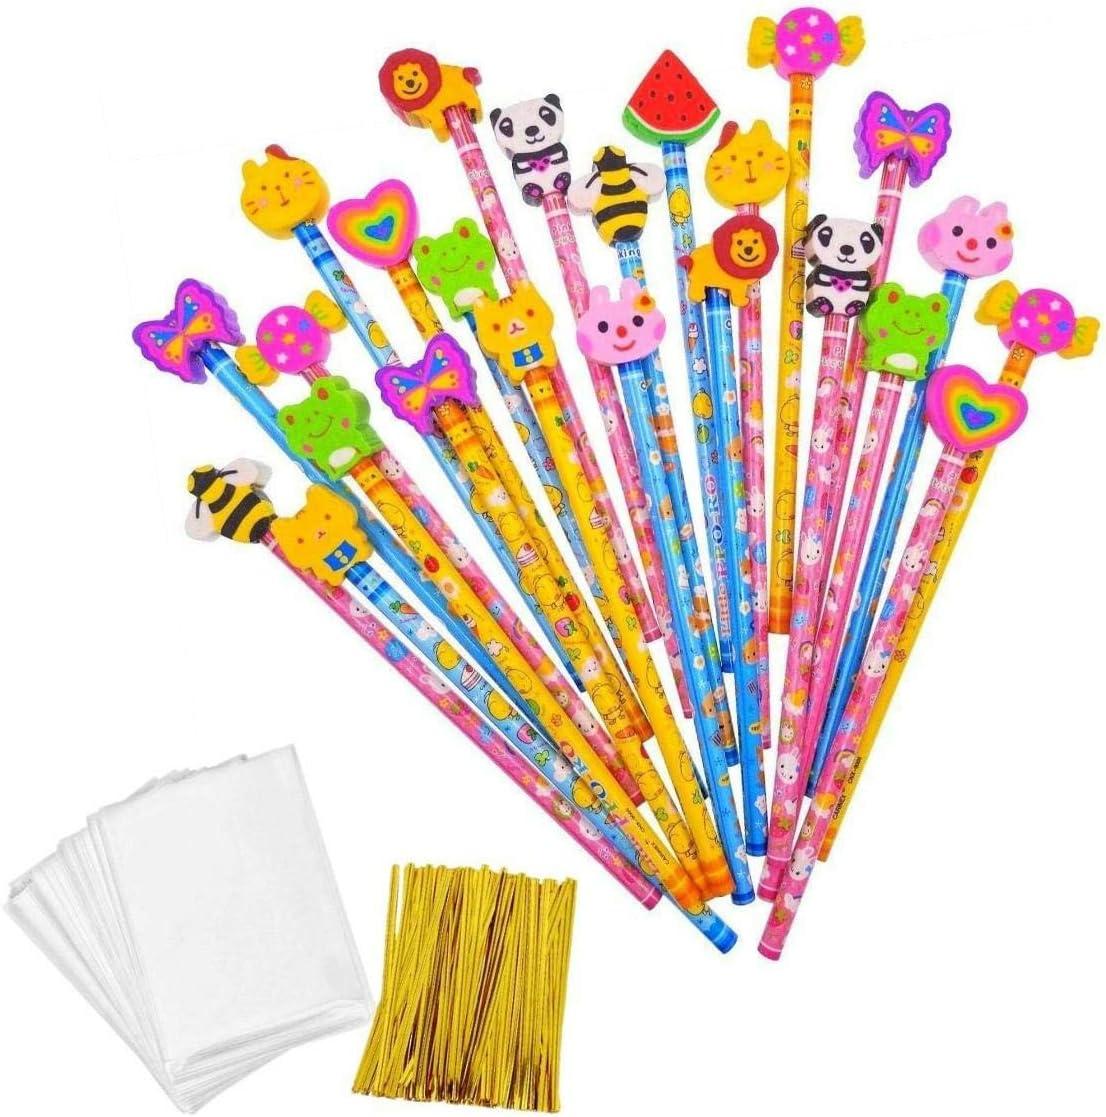 JZK Set 24 lápiz de Madera con Goma lápices Grafito con Borrador para niños Infantiles Fiesta Regalo cumpleaños Navidad Bautizo comunión premios Escolares